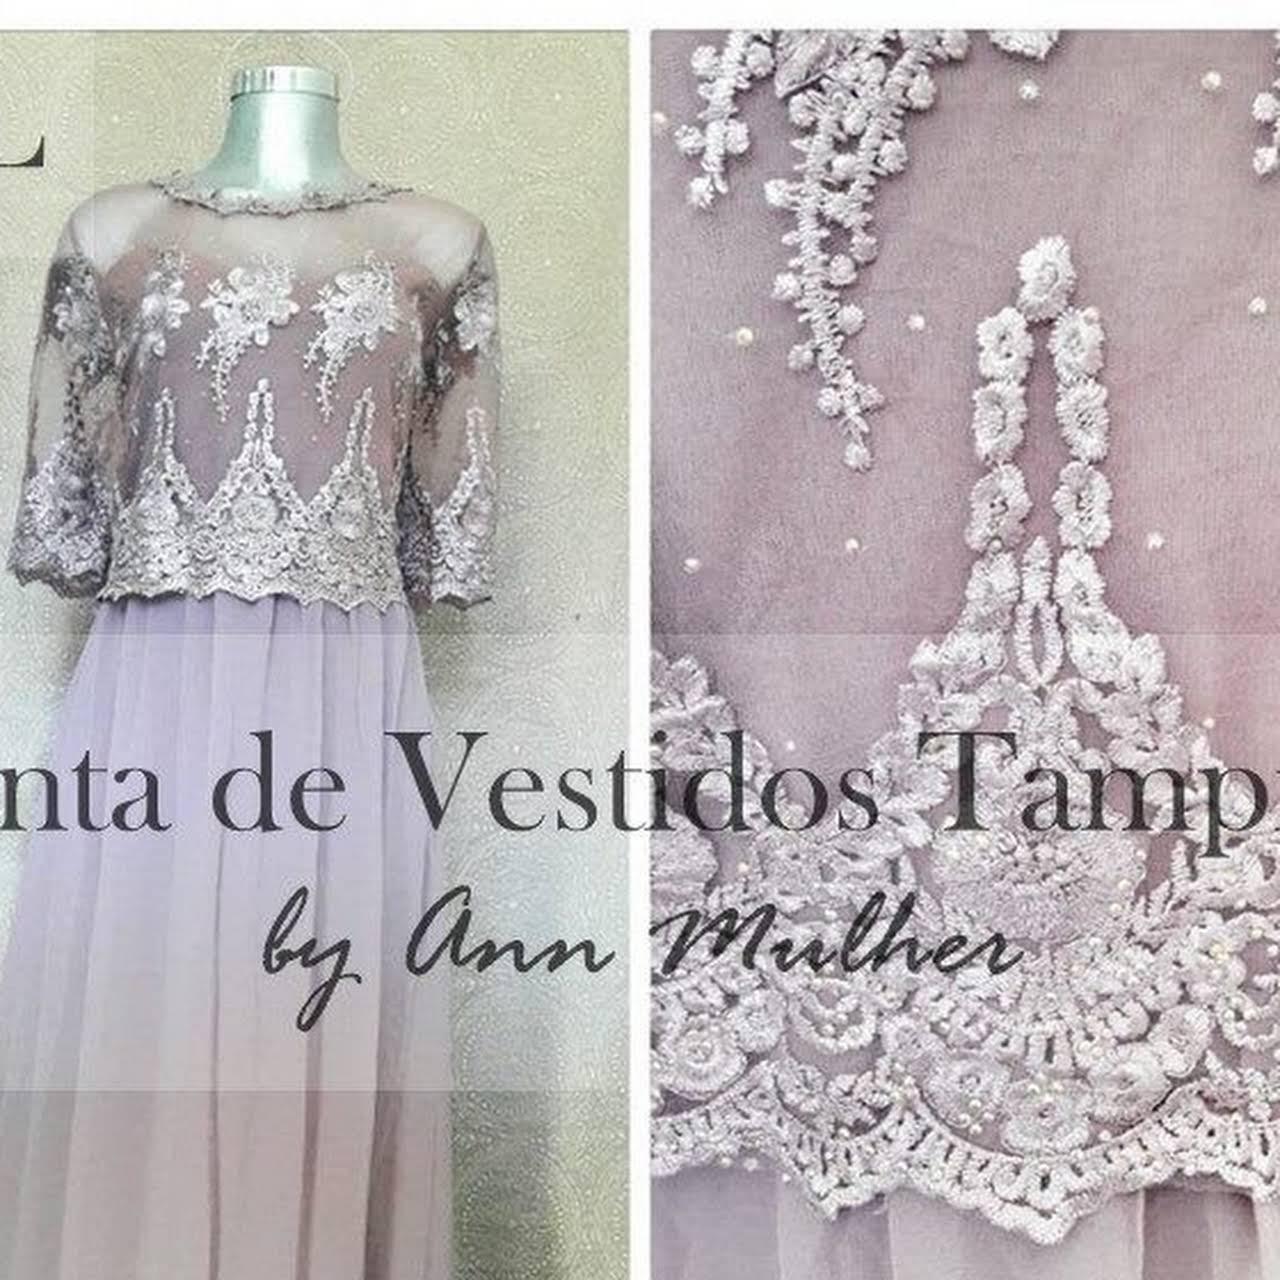 Renta De Vestidos Tampico Ann Mulher A 1 Cuadra De